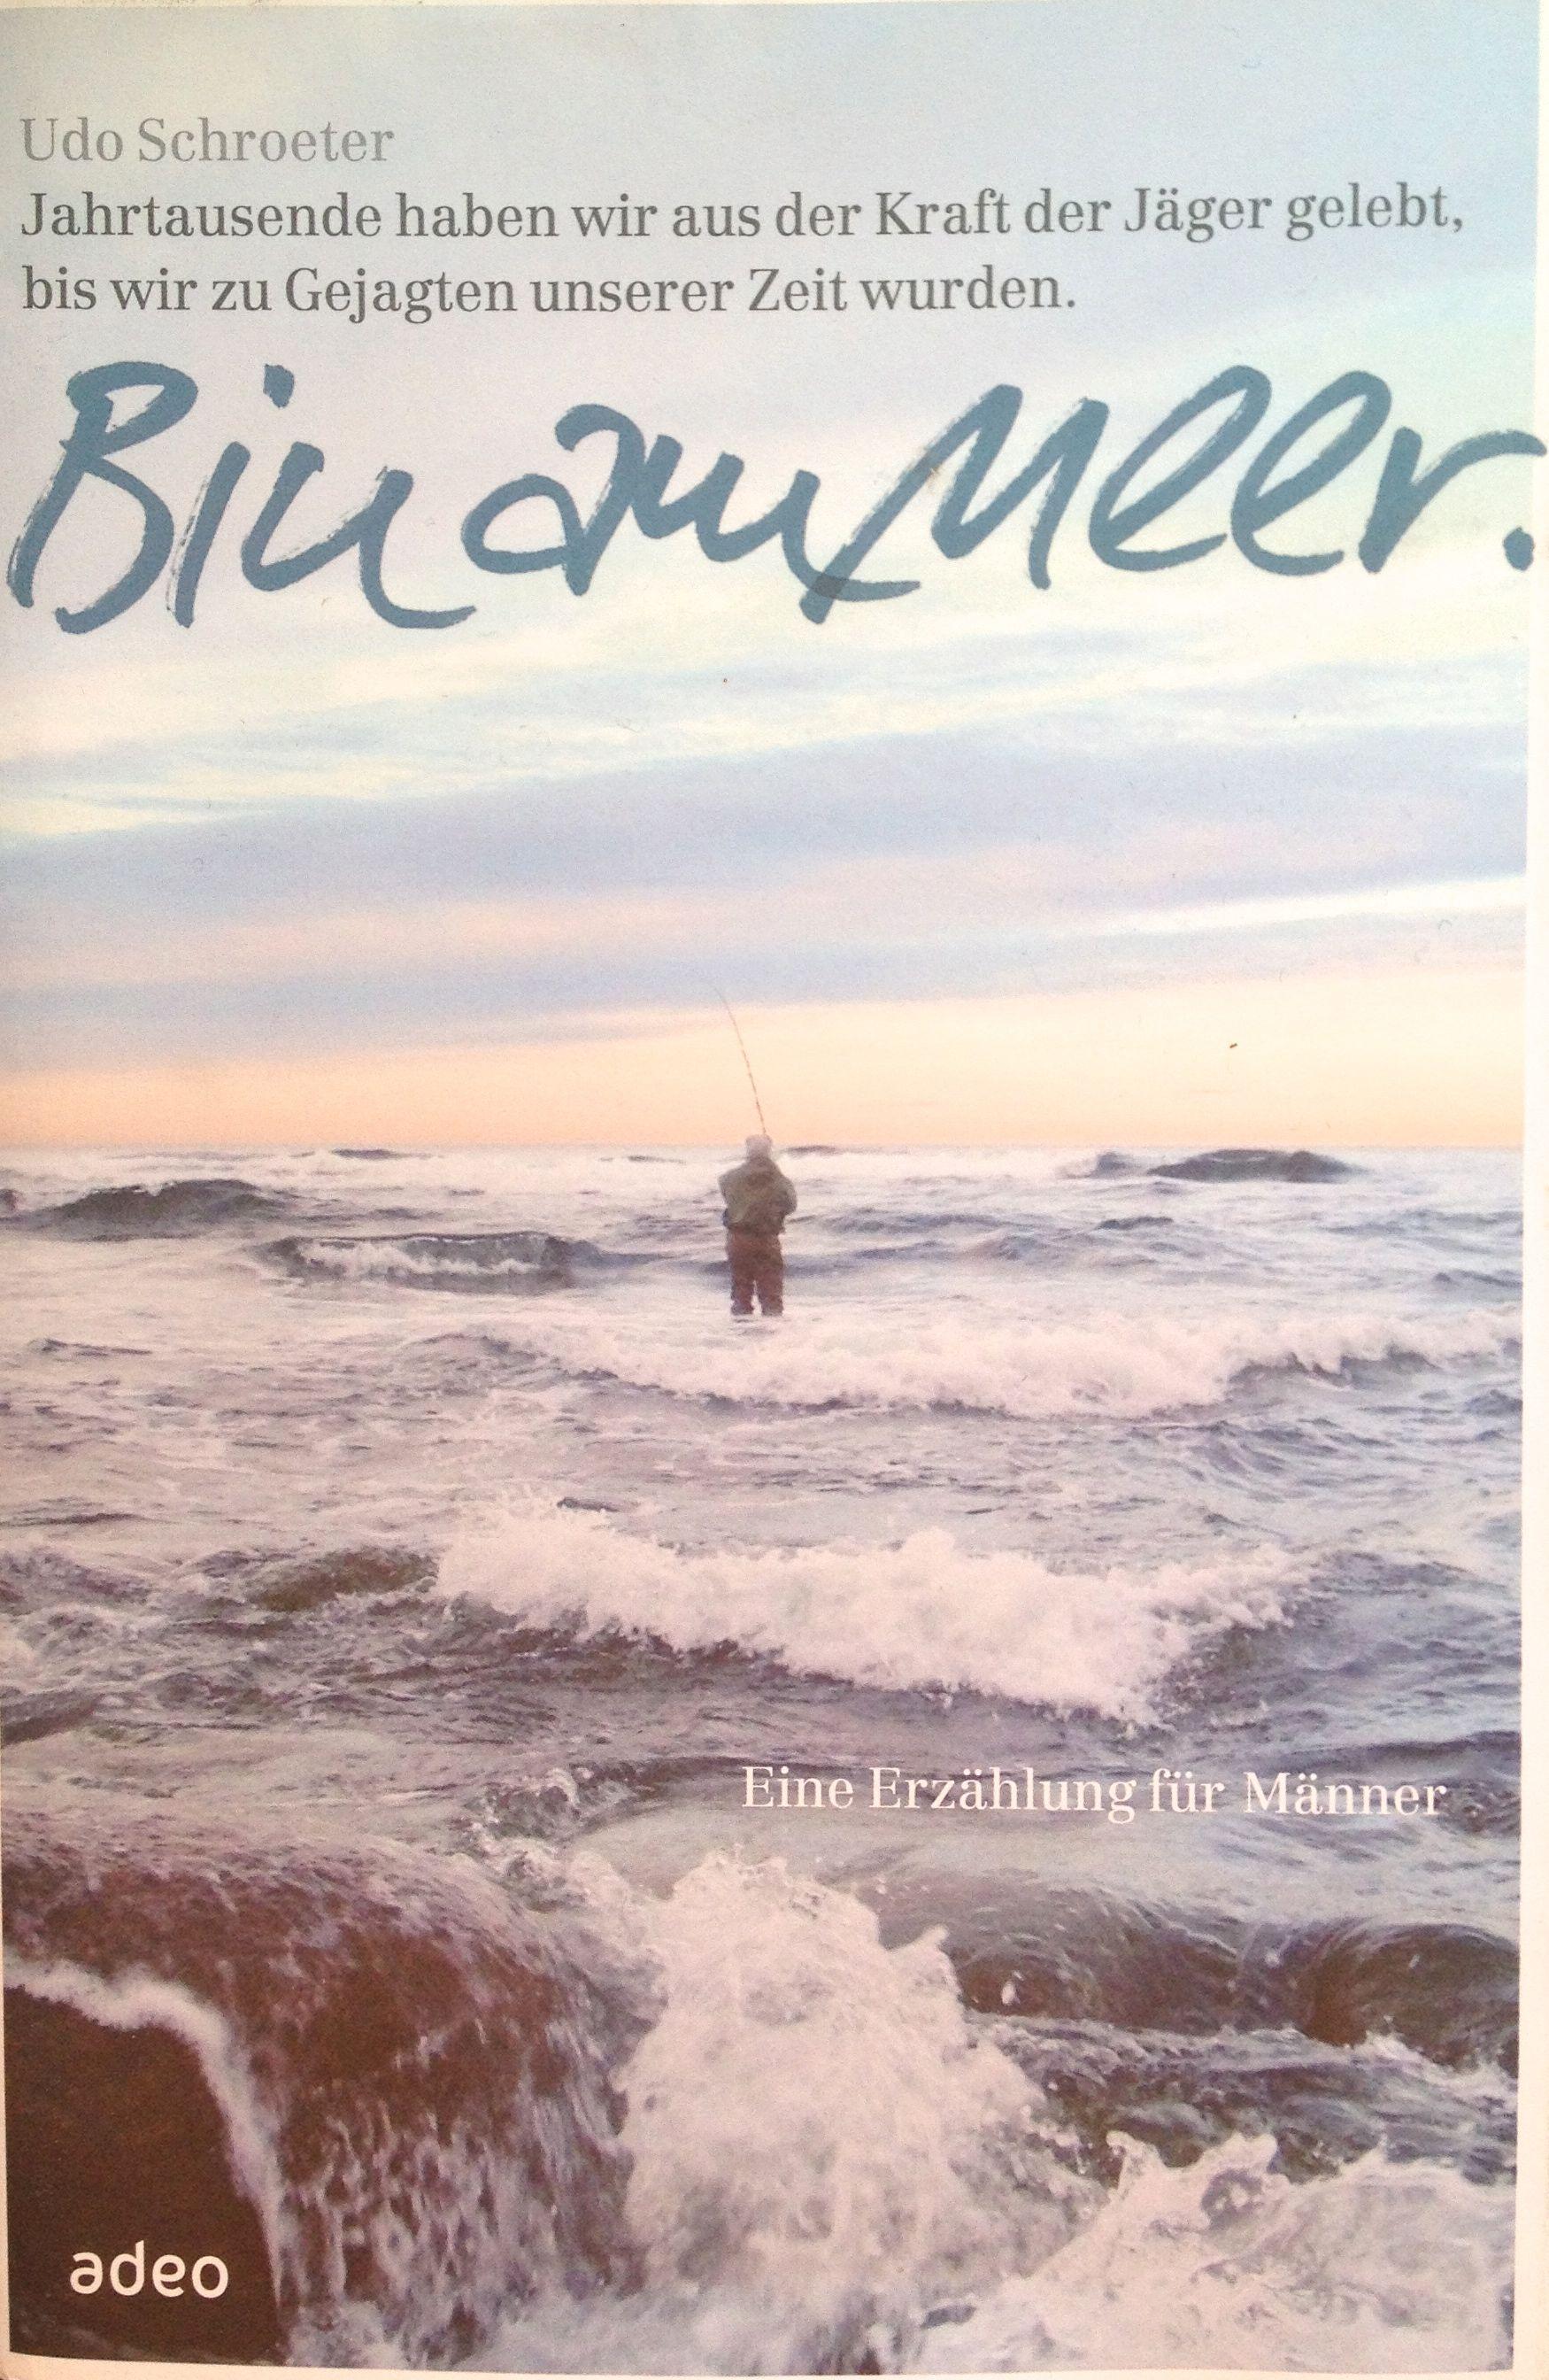 Forelle Äsche Fliegenfischen Meerforelle Udo Schröter - Bin am Meer